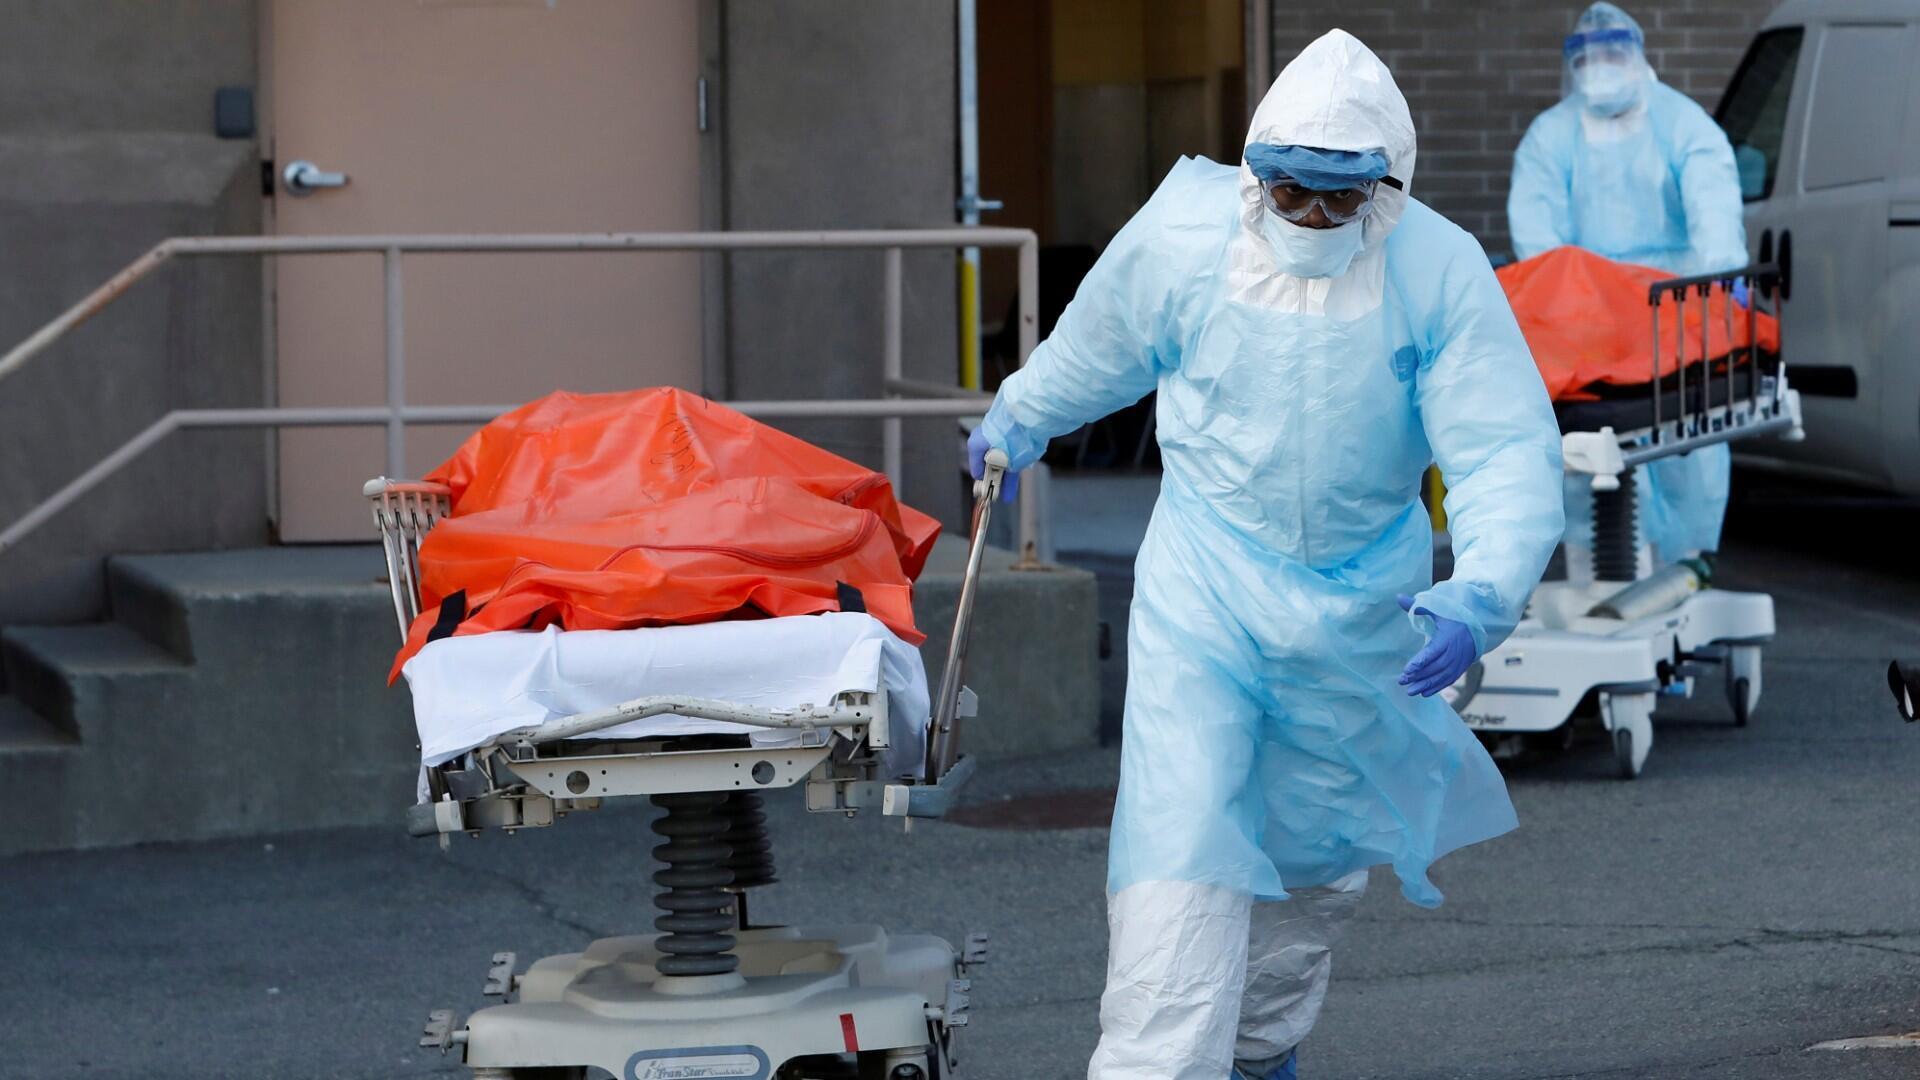 Los trabajadores de la salud transportan los cuerpos de las personas fallecidas del Centro Médico Wyckoff Heights durante el brote de la enfermedad por coronavirus (COVID-19) en el distrito de Brooklyn de la ciudad de Nueva York, Nueva York, EE. UU., 4 de abril de 2020.